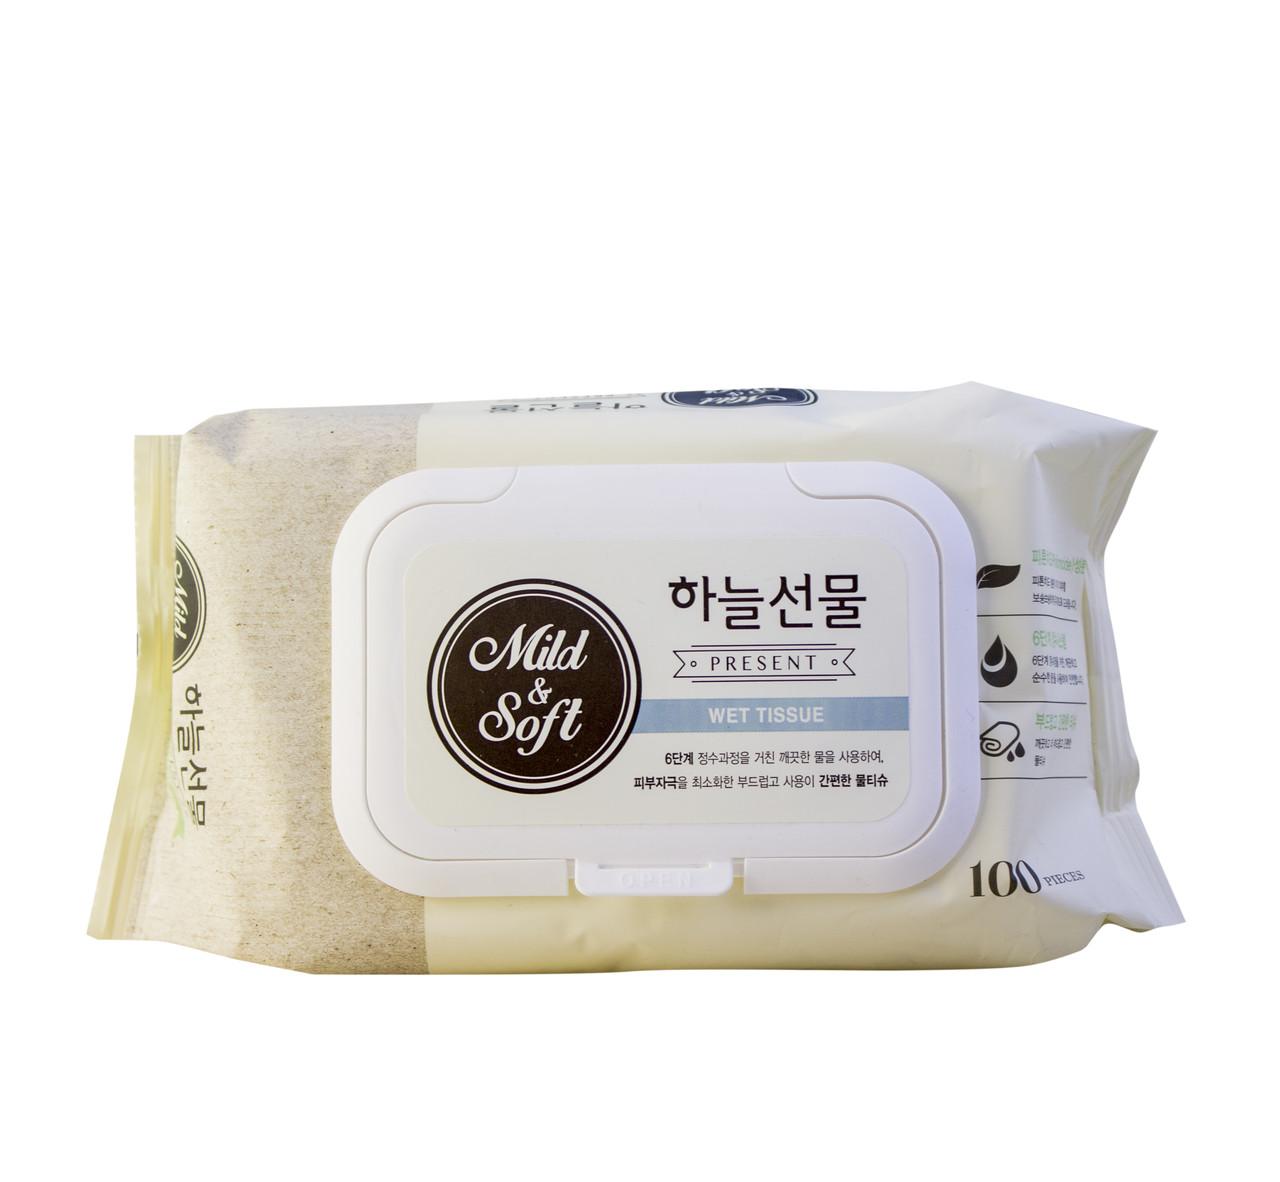 Taegwang Влажные детские антибактериальные салфетки премиум класса Mild & Soft Wet Wipes / 100 шт.